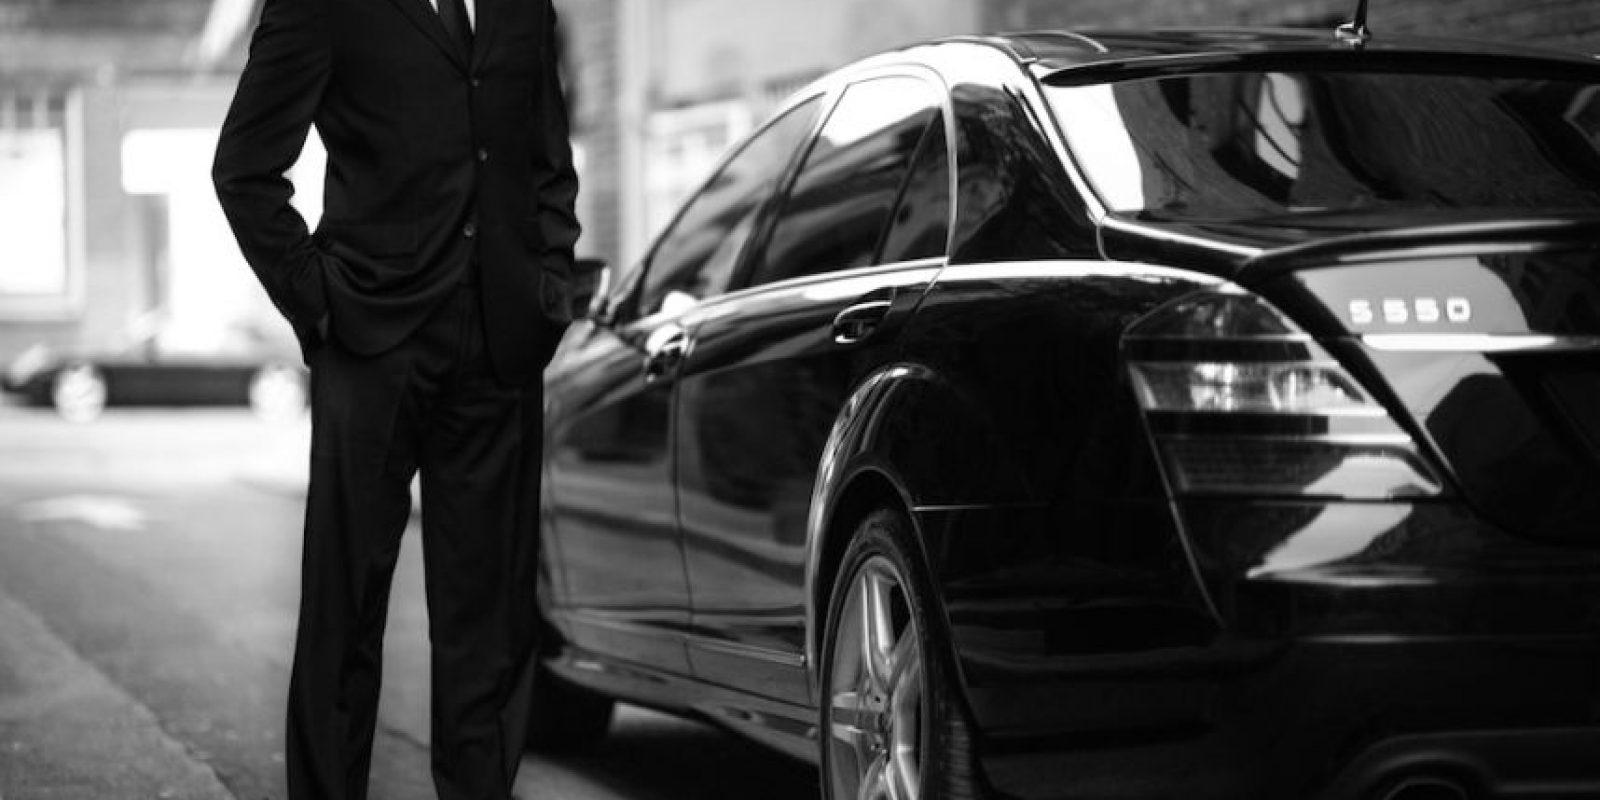 Los conductores de Uber pueden llegar a correr peligros en la calles de la ciudad. Foto:Uber